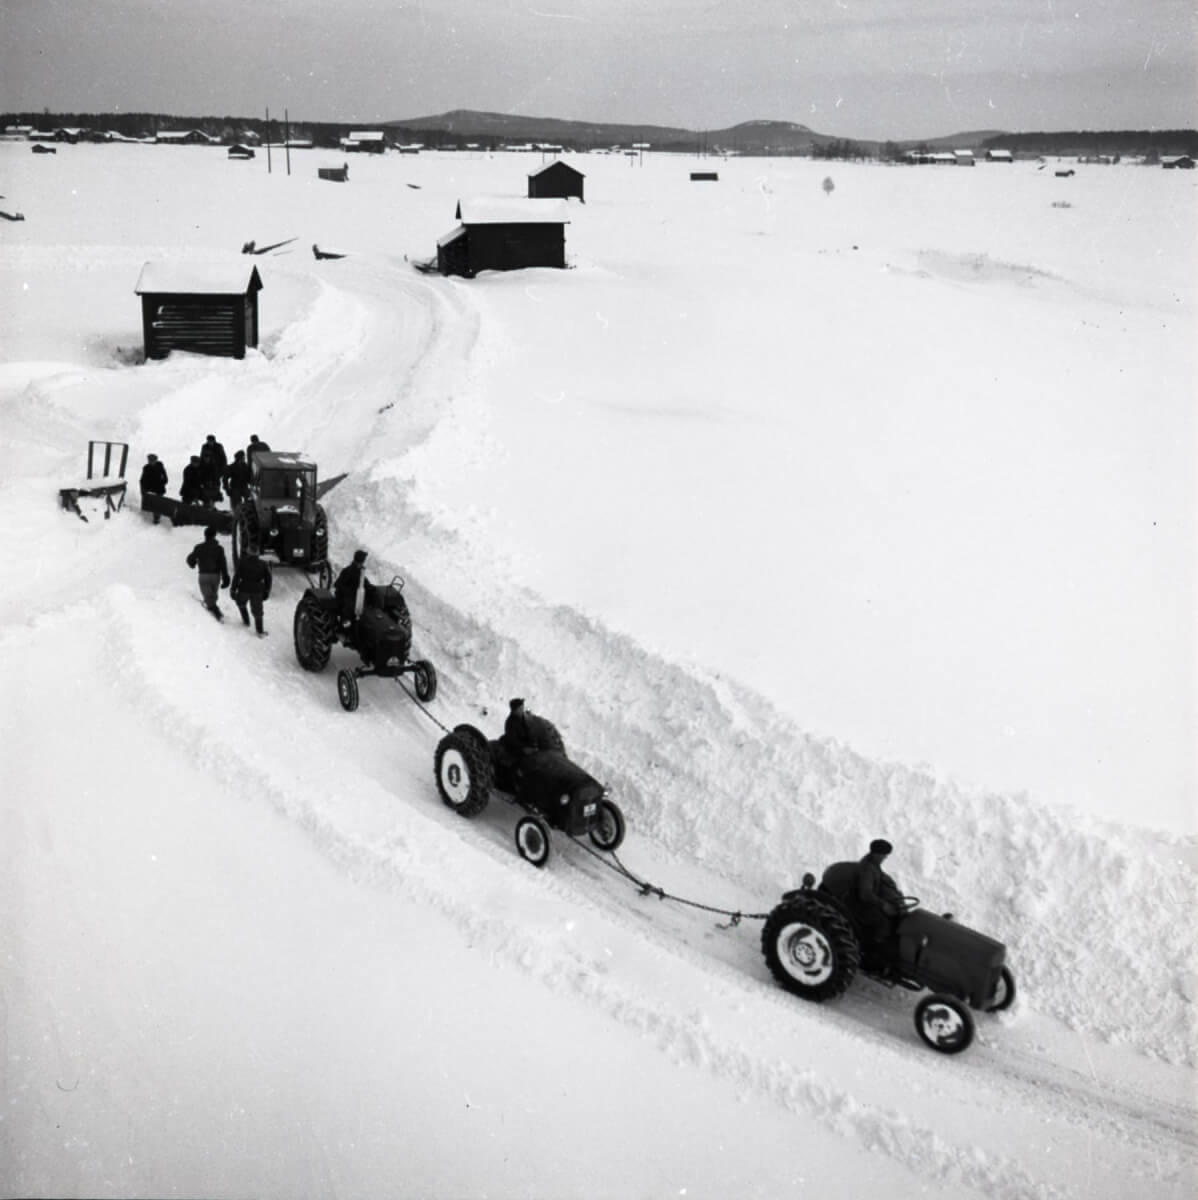 Fyra sammankopplade traktorer drar en plog i ett snöigt landskap.